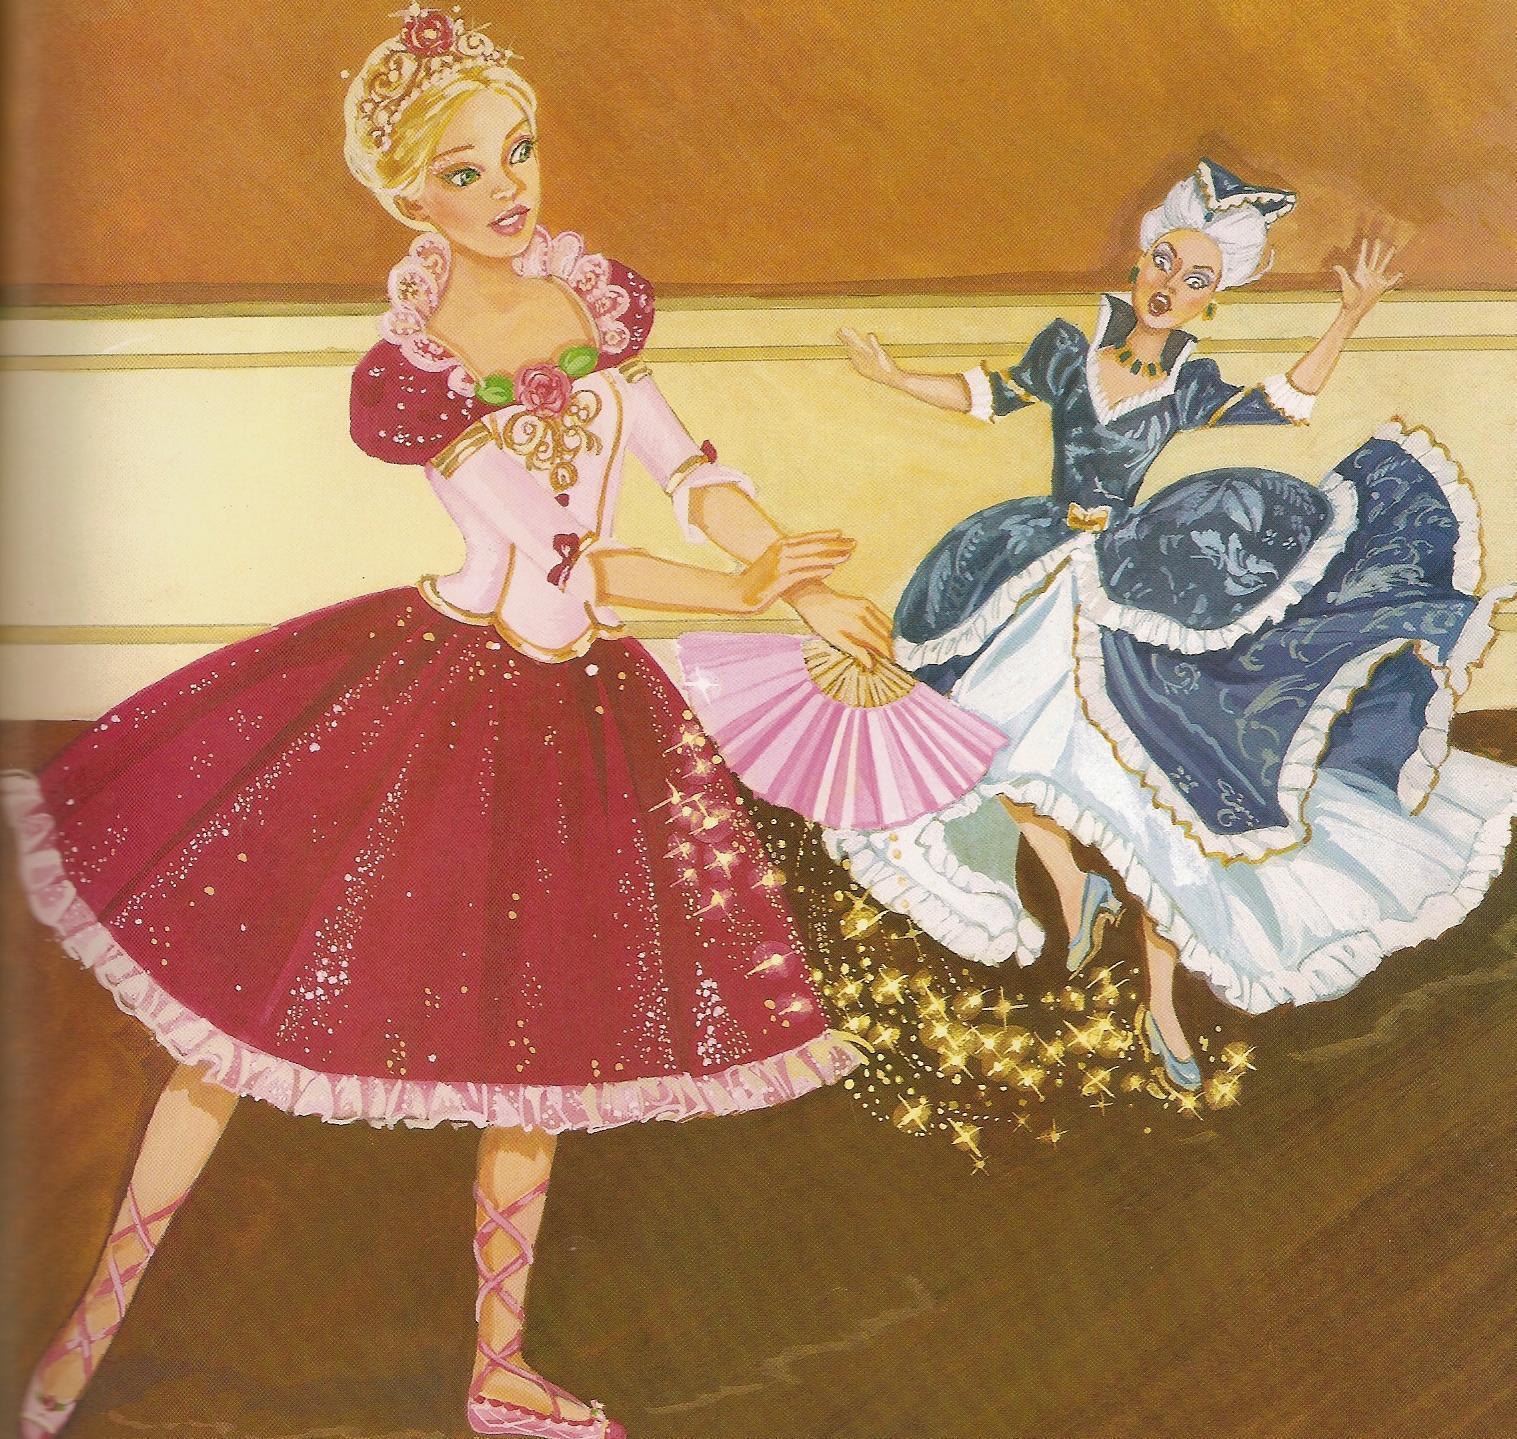 Image 12 dancing princesses barbie in the 12 dancing princesses 13794977 1517 - Barbie and the 12 princesses ...